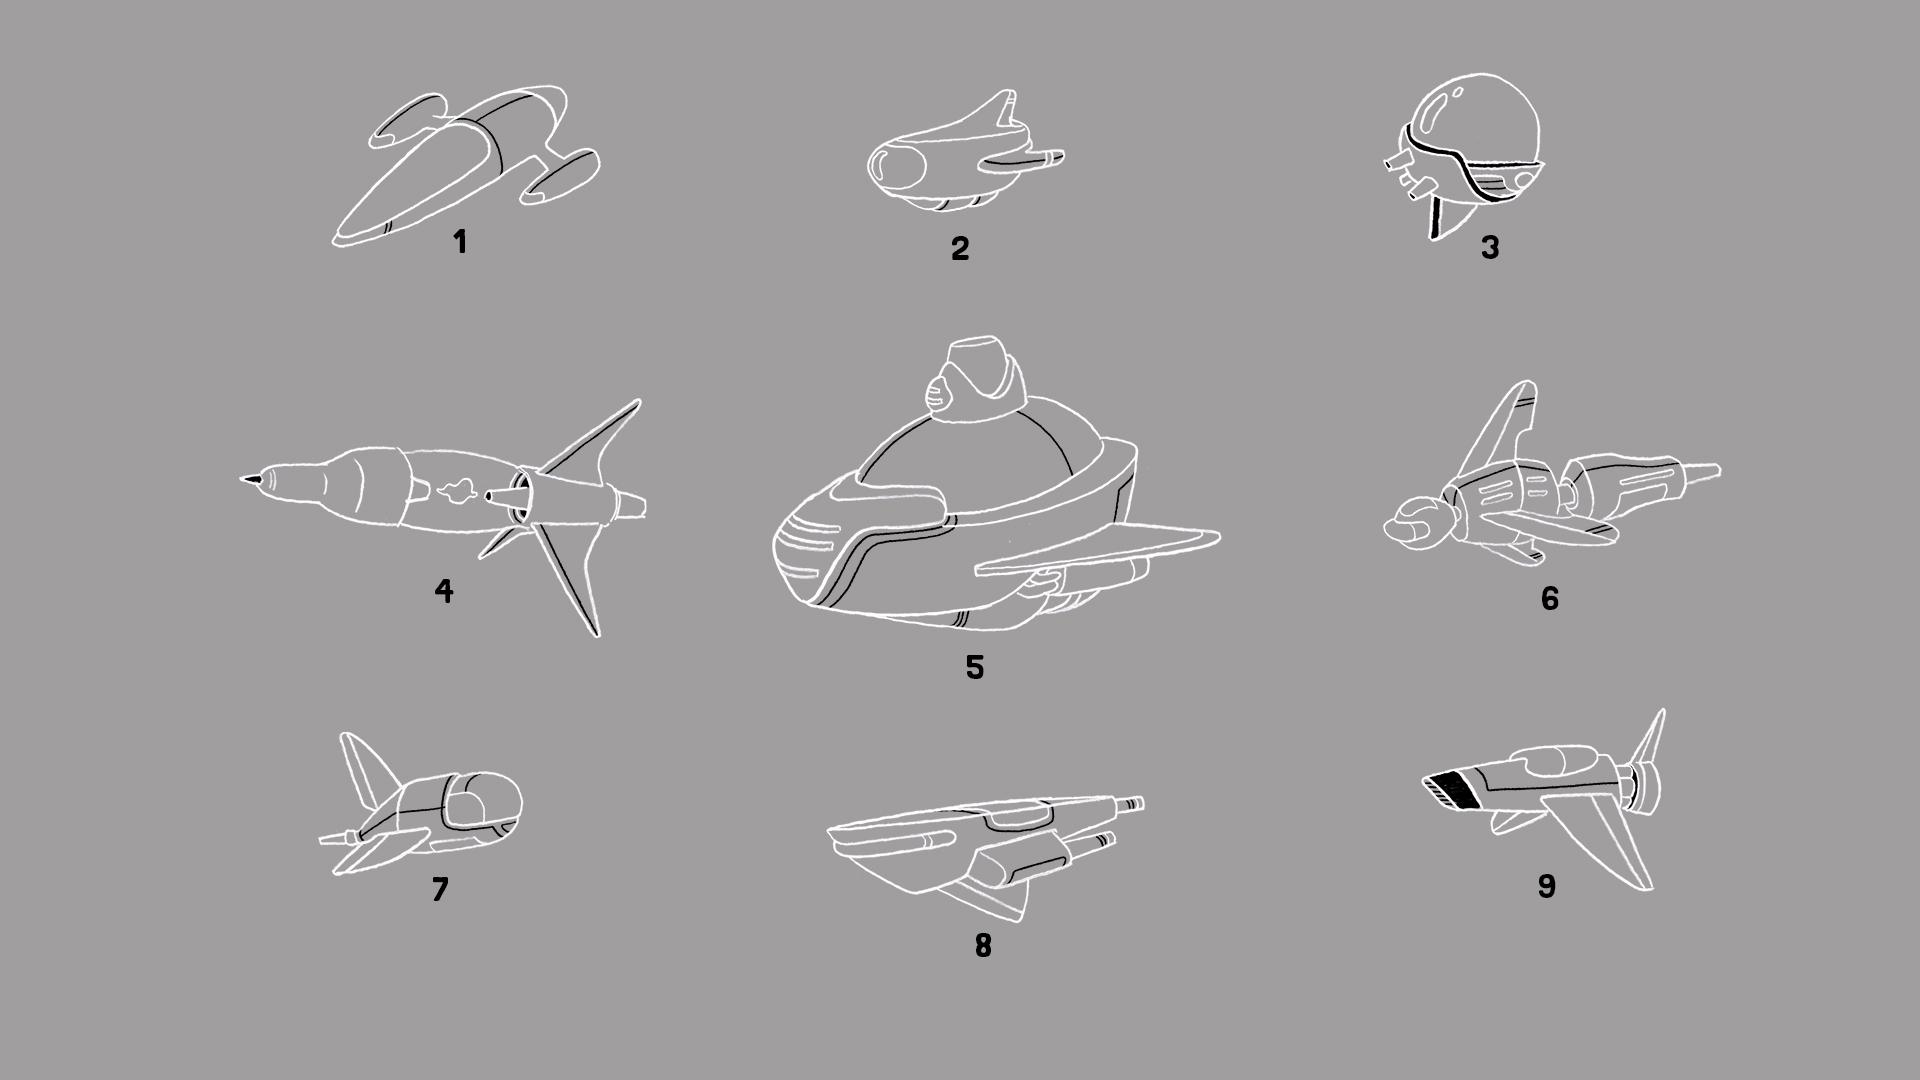 Spaceships_001.jpg